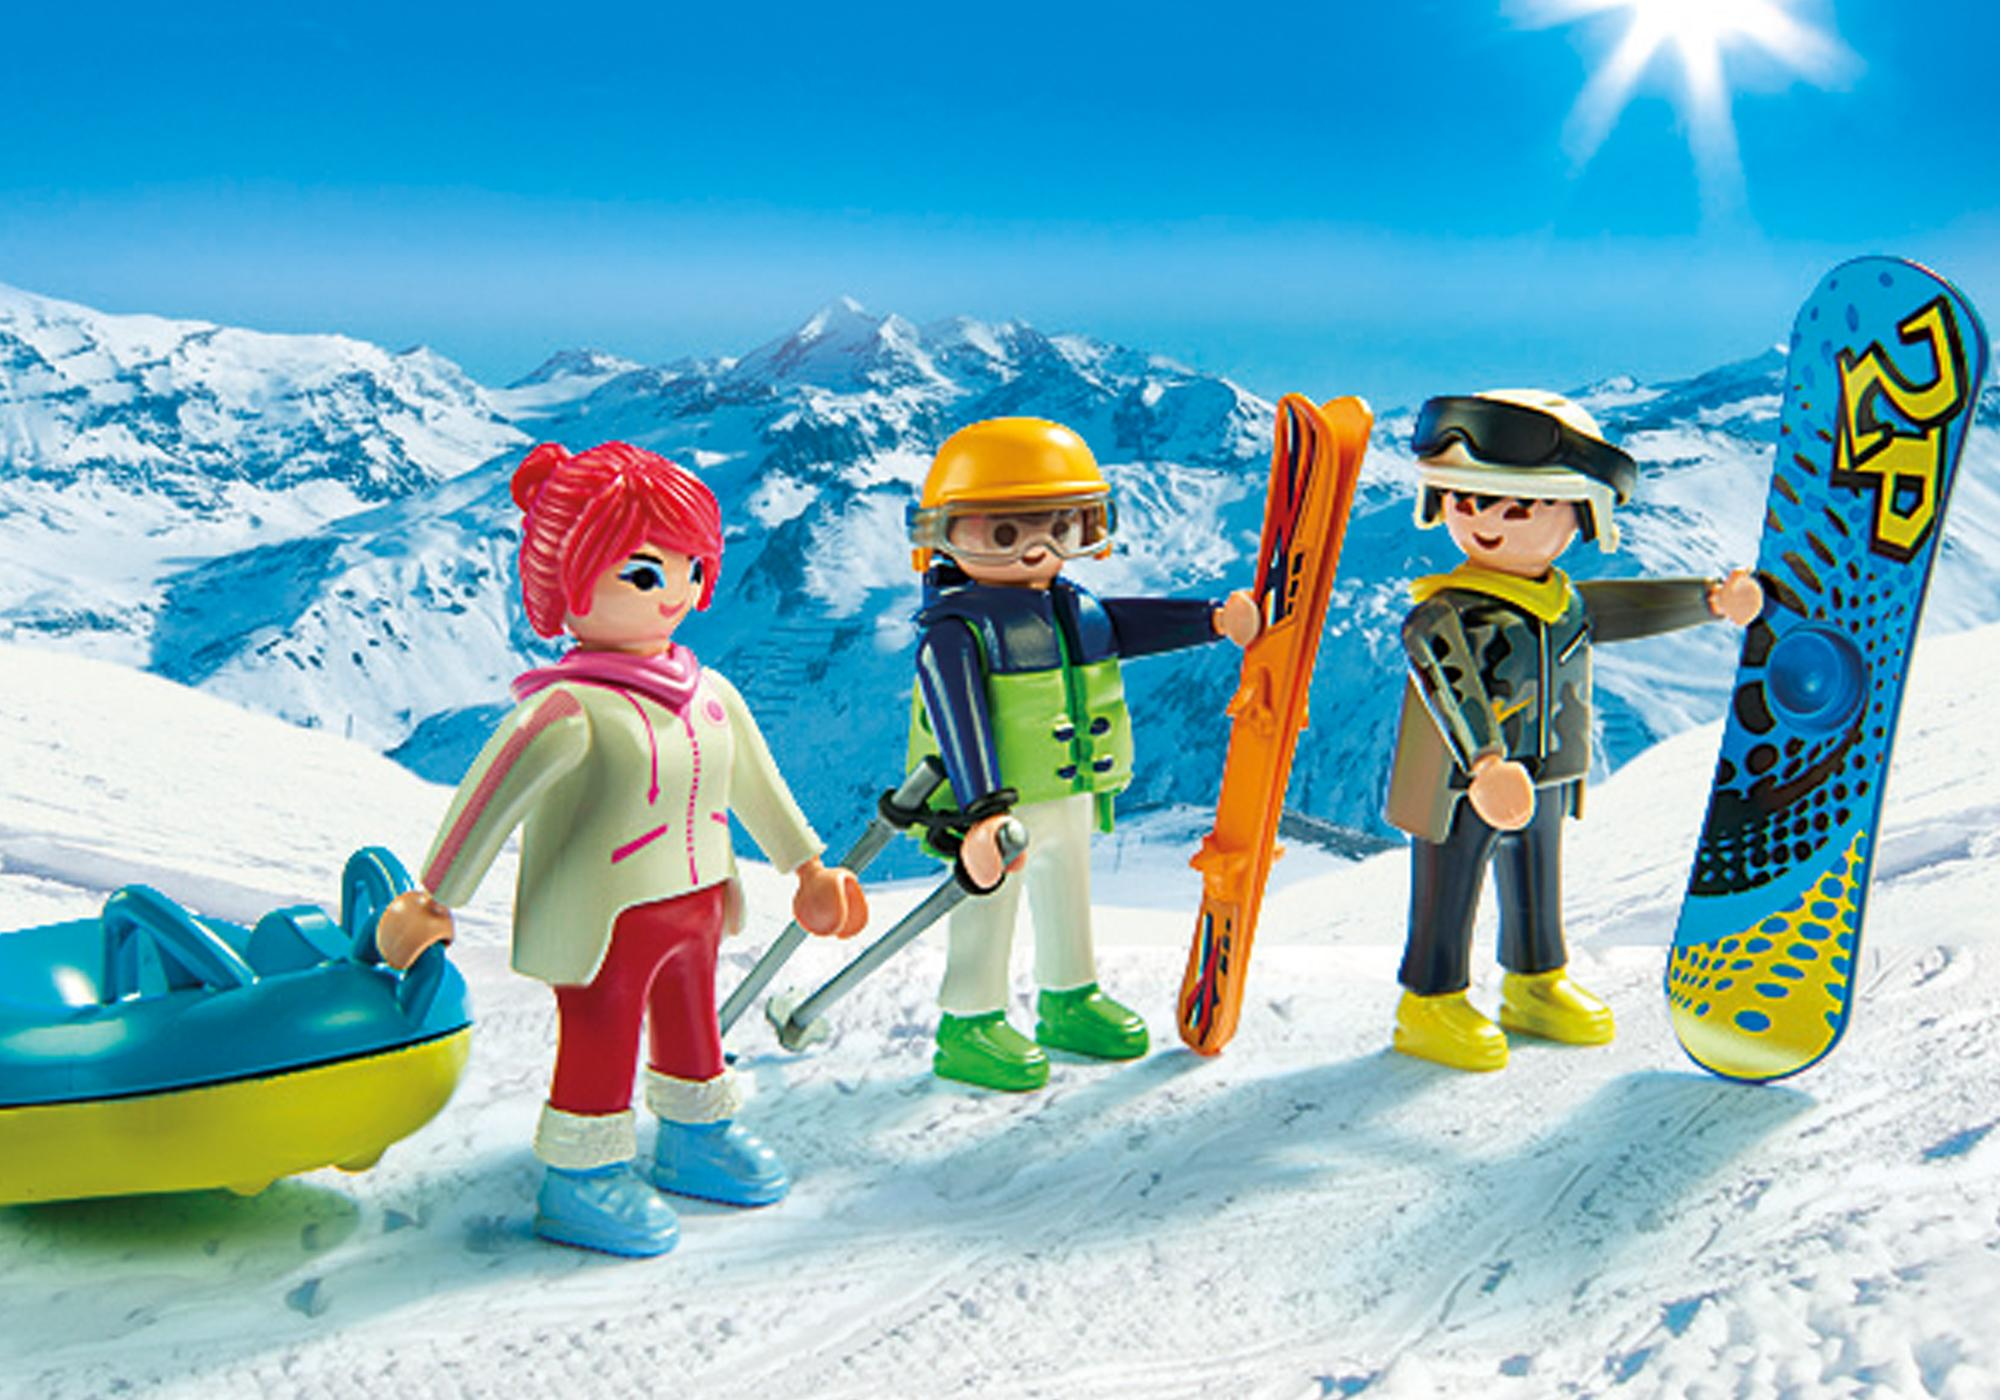 http://media.playmobil.com/i/playmobil/9286_product_extra1/Deportes de Invierno